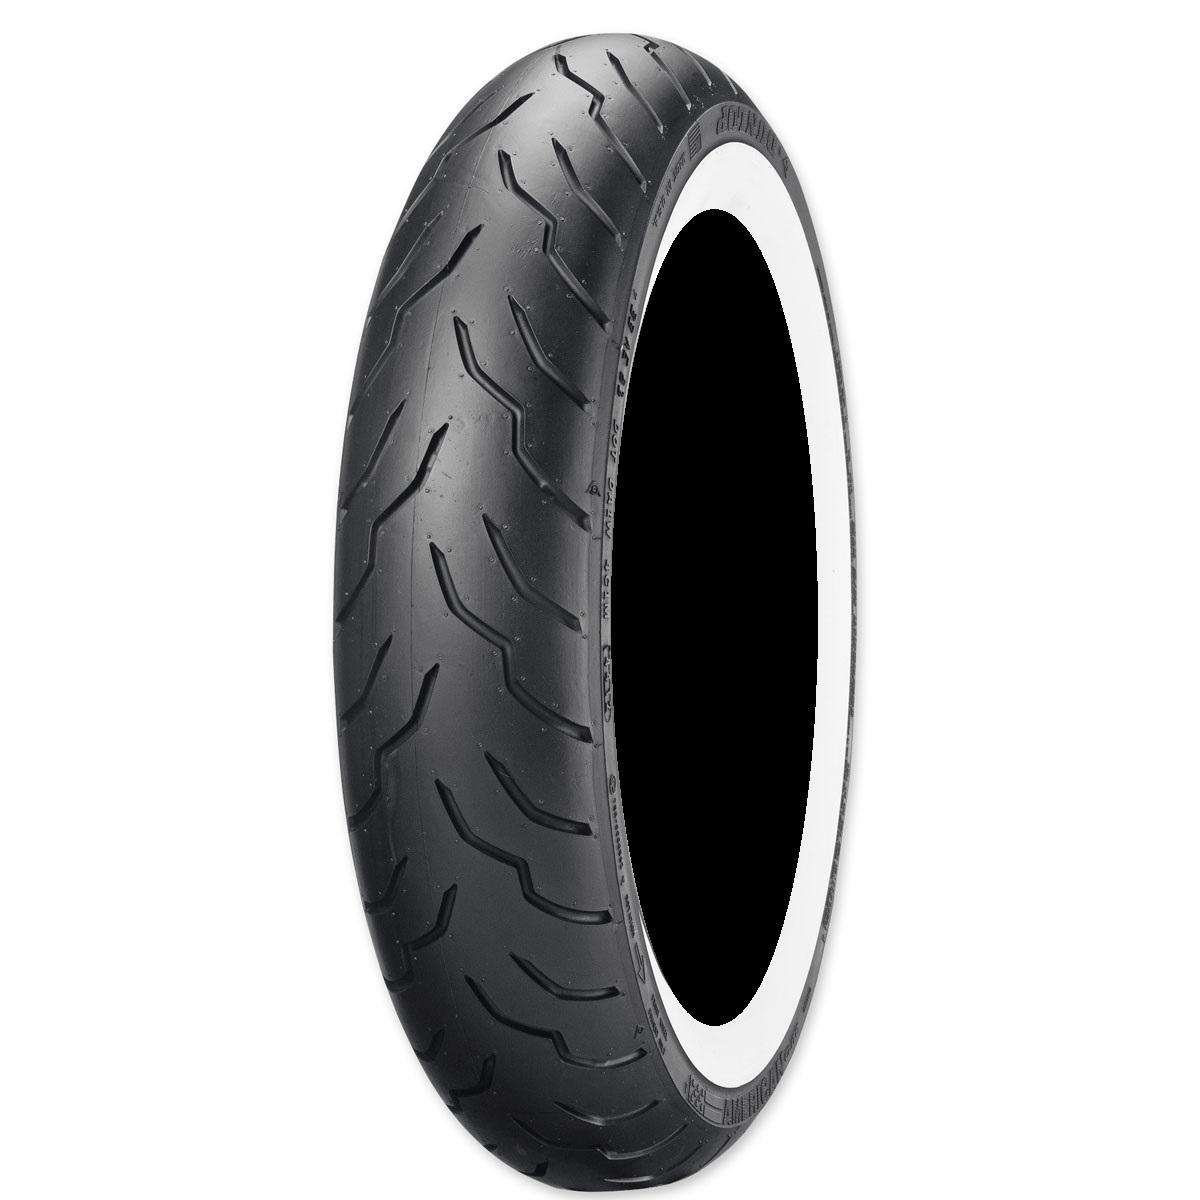 Dunlop American Elite Motorcycle Tires 127 41 269 84